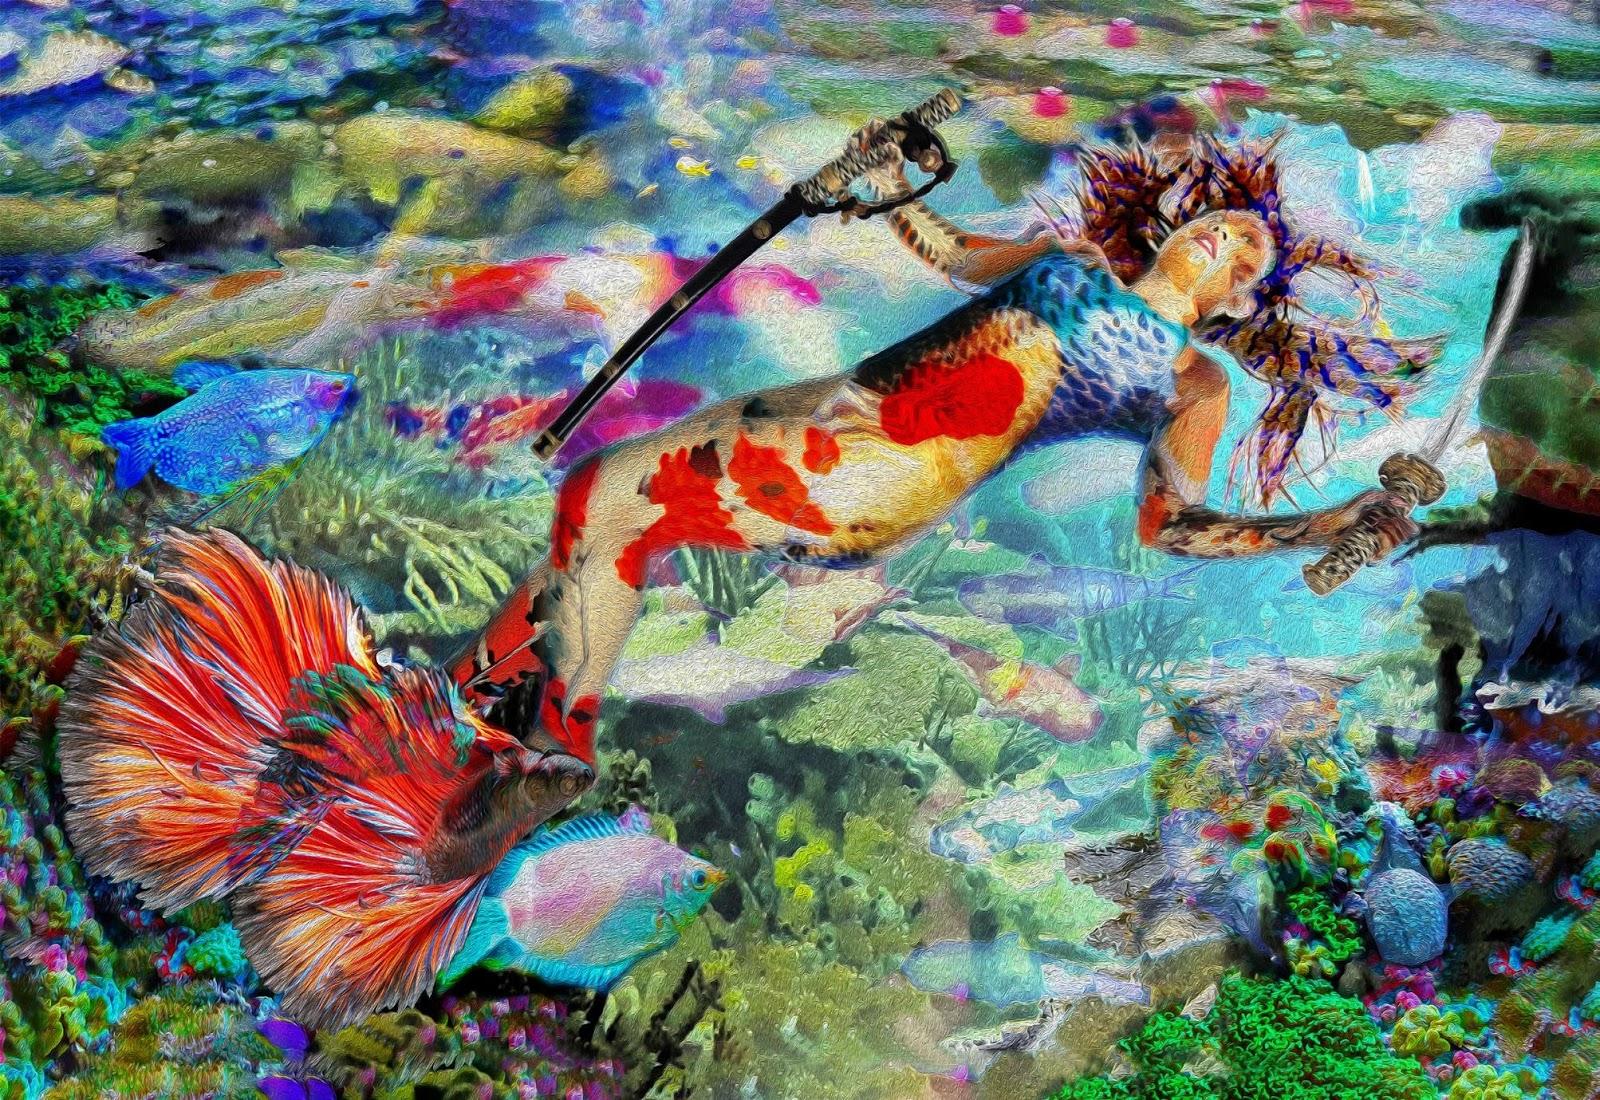 Mermaid Ningyo